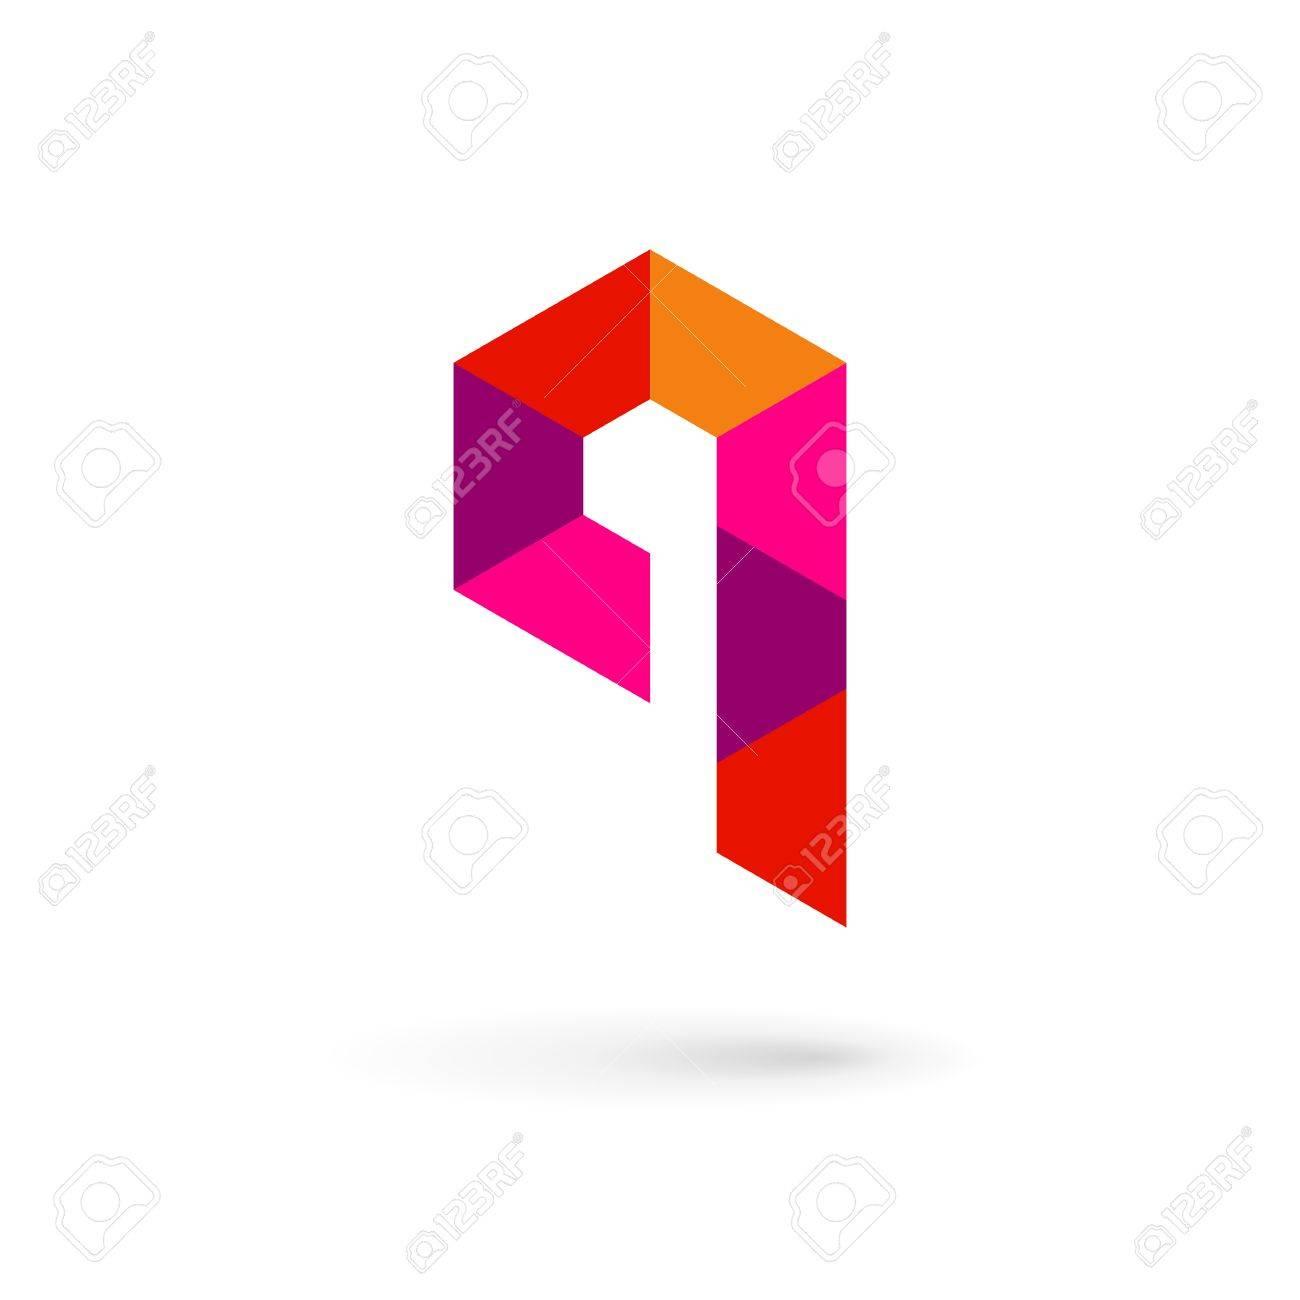 Letra Q Mosaico Logo Icono Elementos De Plantilla De Diseño ...